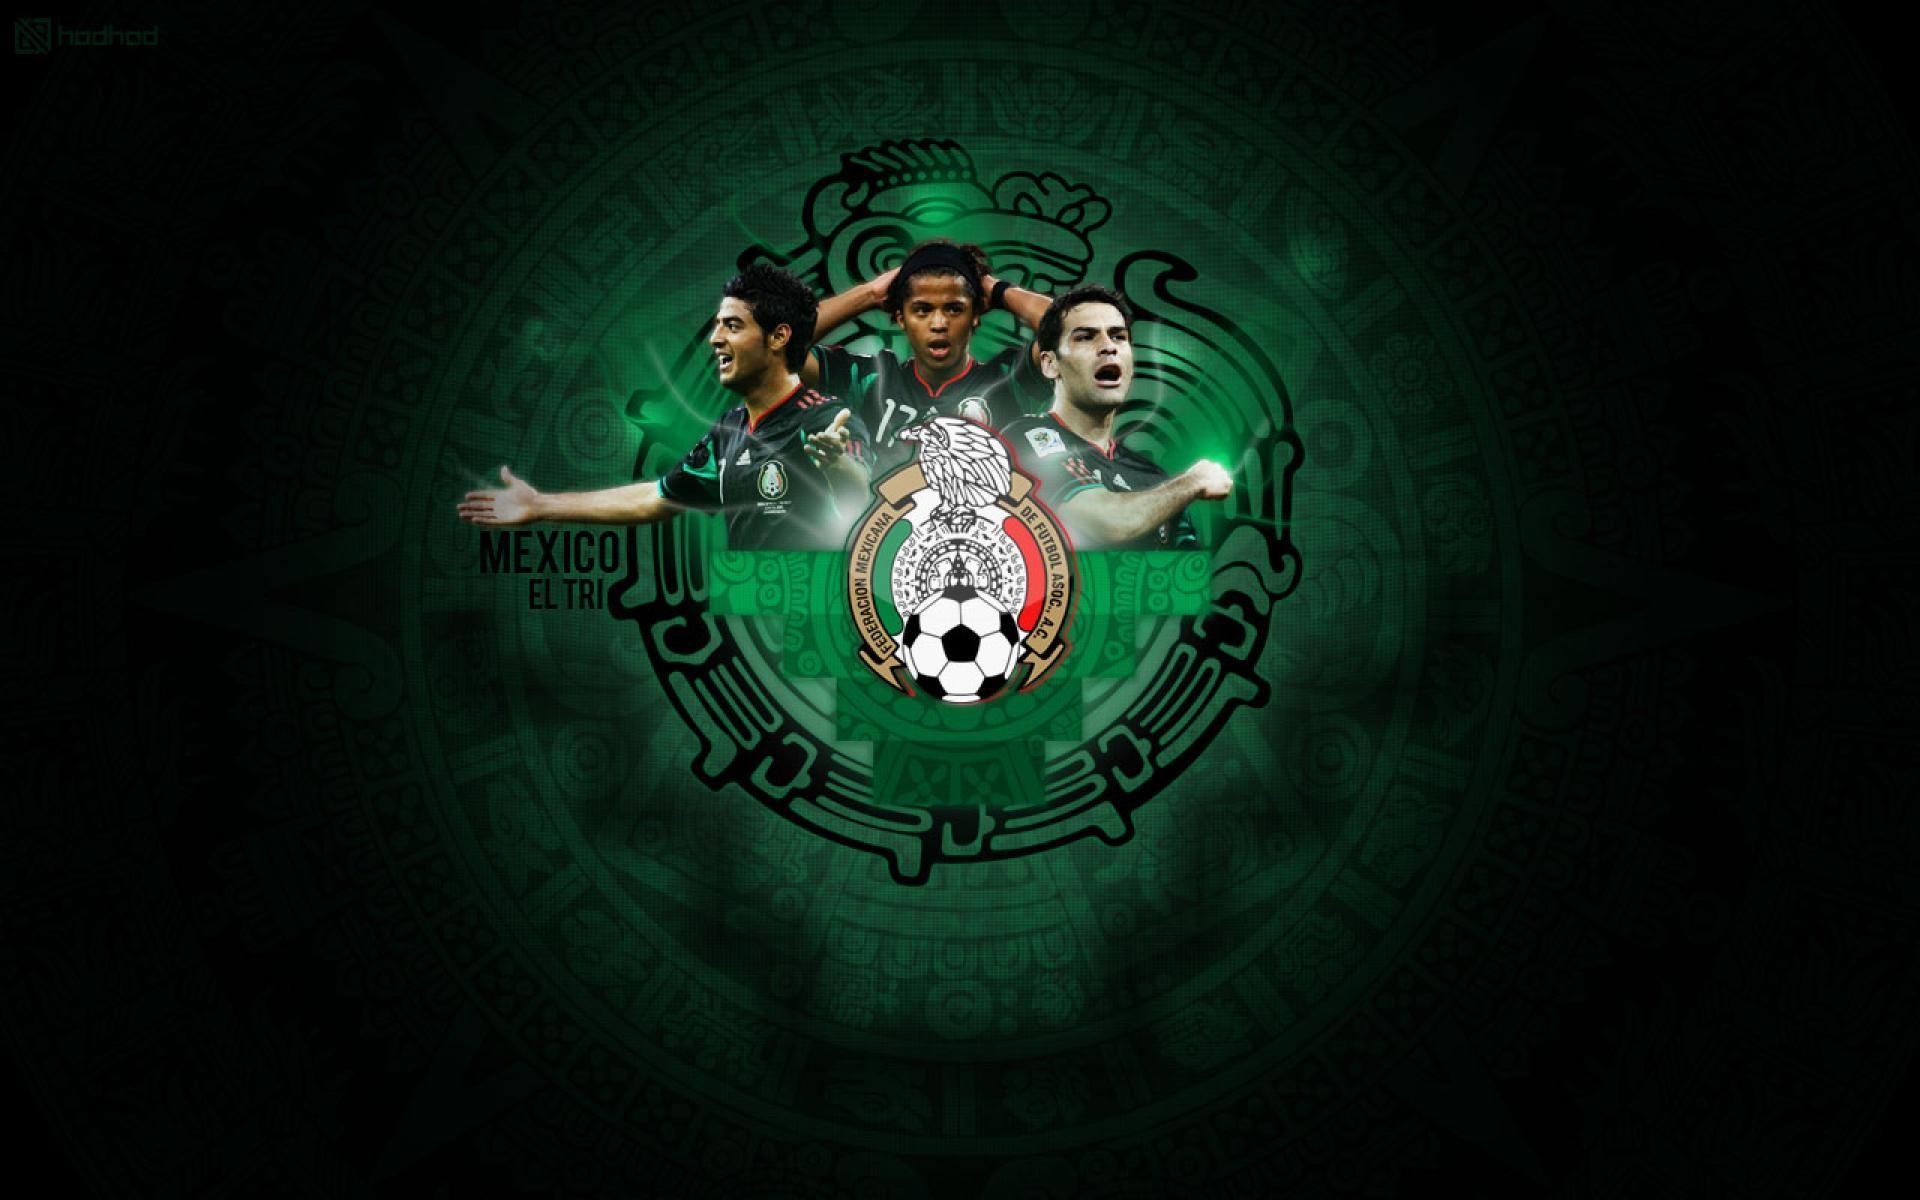 Mexico El Tri World Cup 2014 Exclusive HD Wallpapers #6757